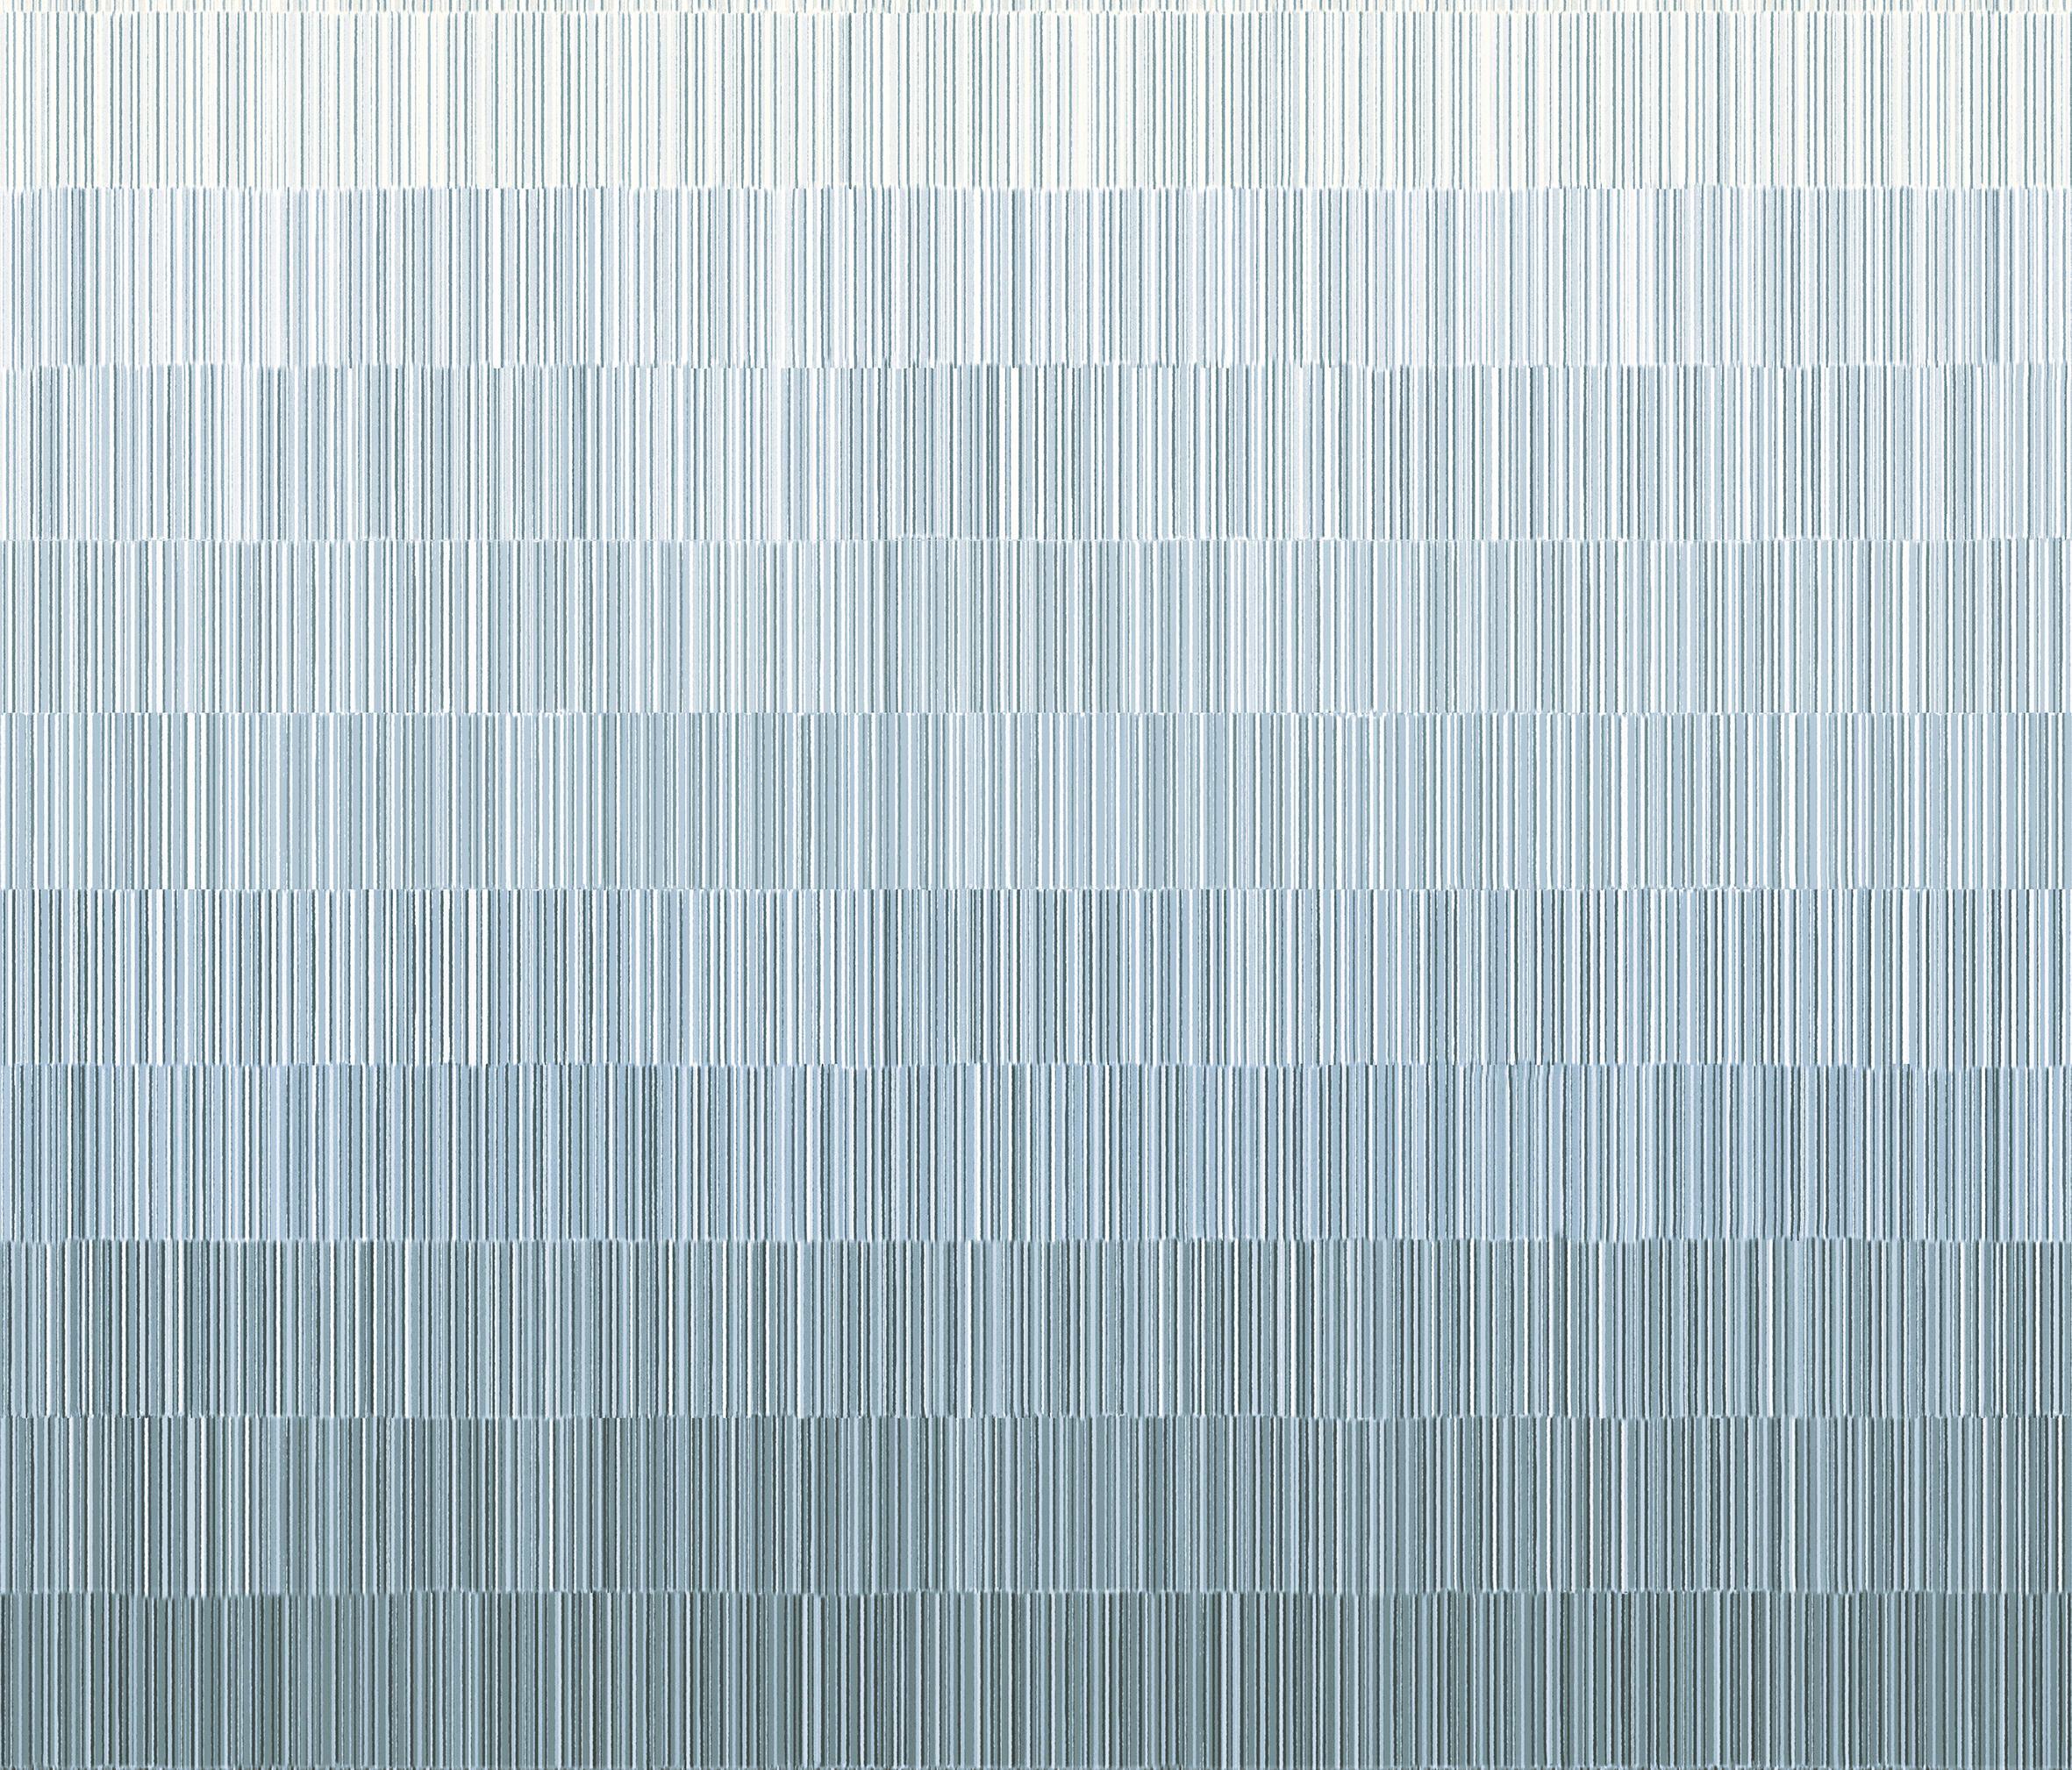 Slimtech I Wave Blue A Facade Cladding By Lea Ceramiche